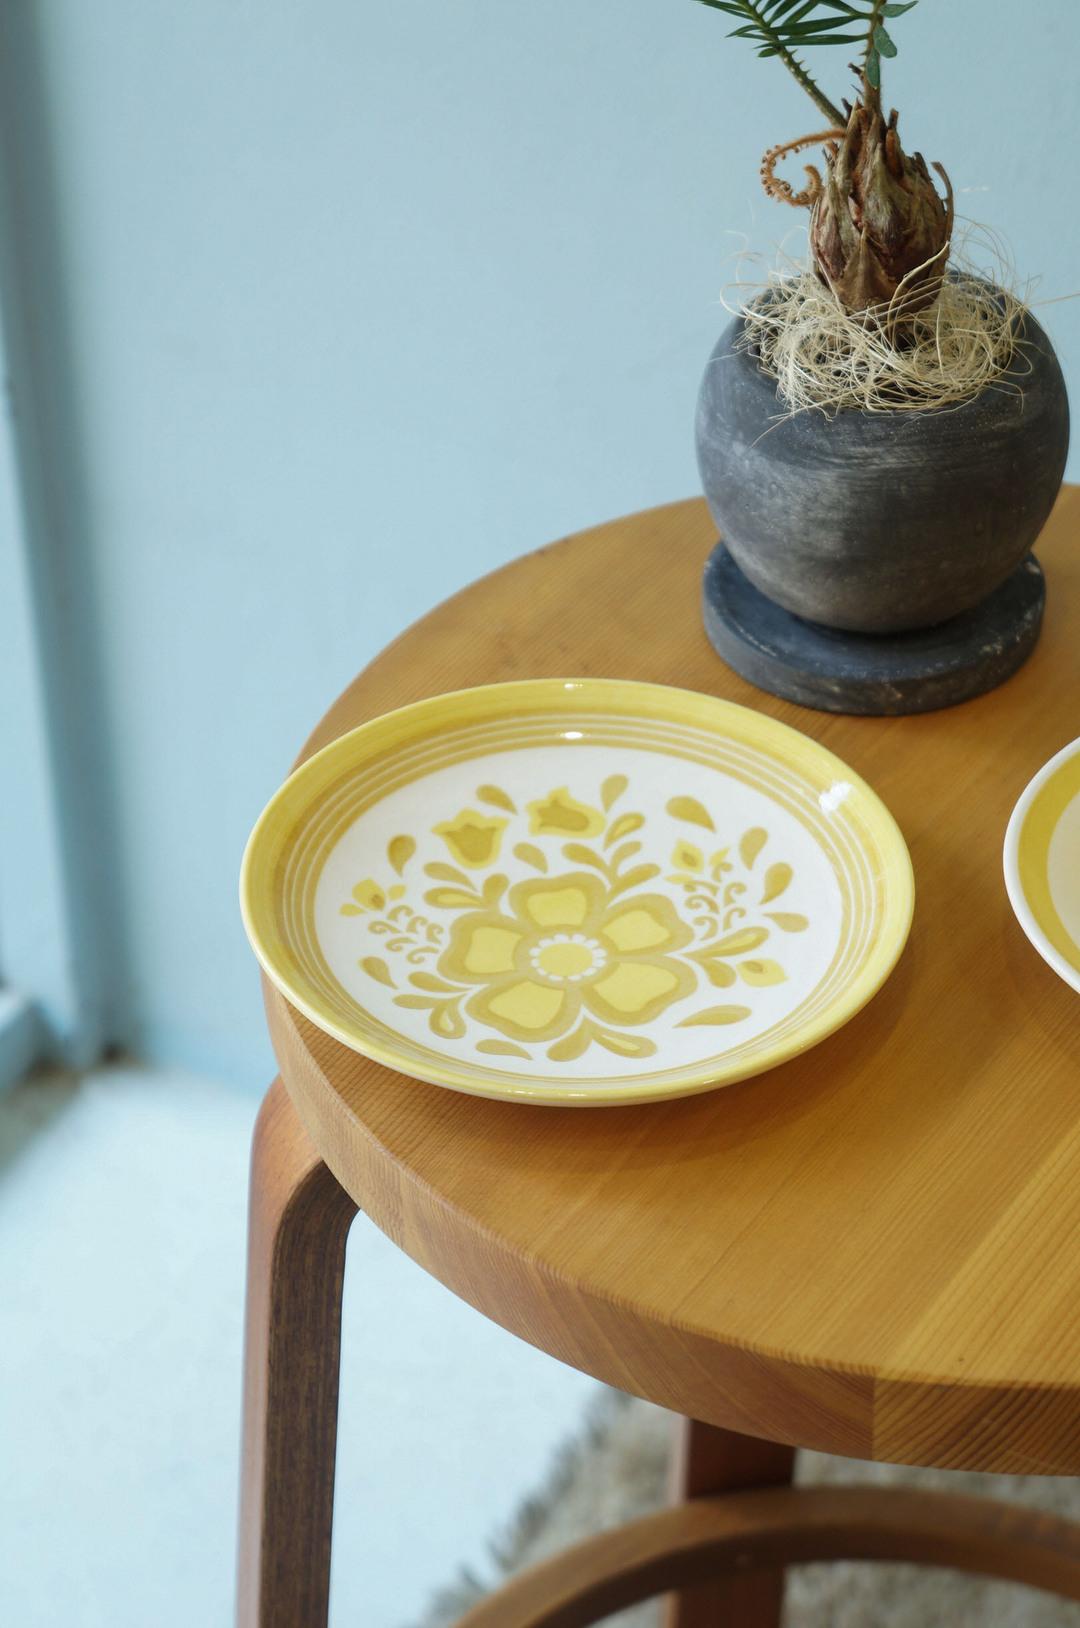 US Vintage Royal China Damsel Small Plate/アメリカ ヴィンテージ ロイヤルチャイナ ダムセル スモールプレート 食器 レトロ